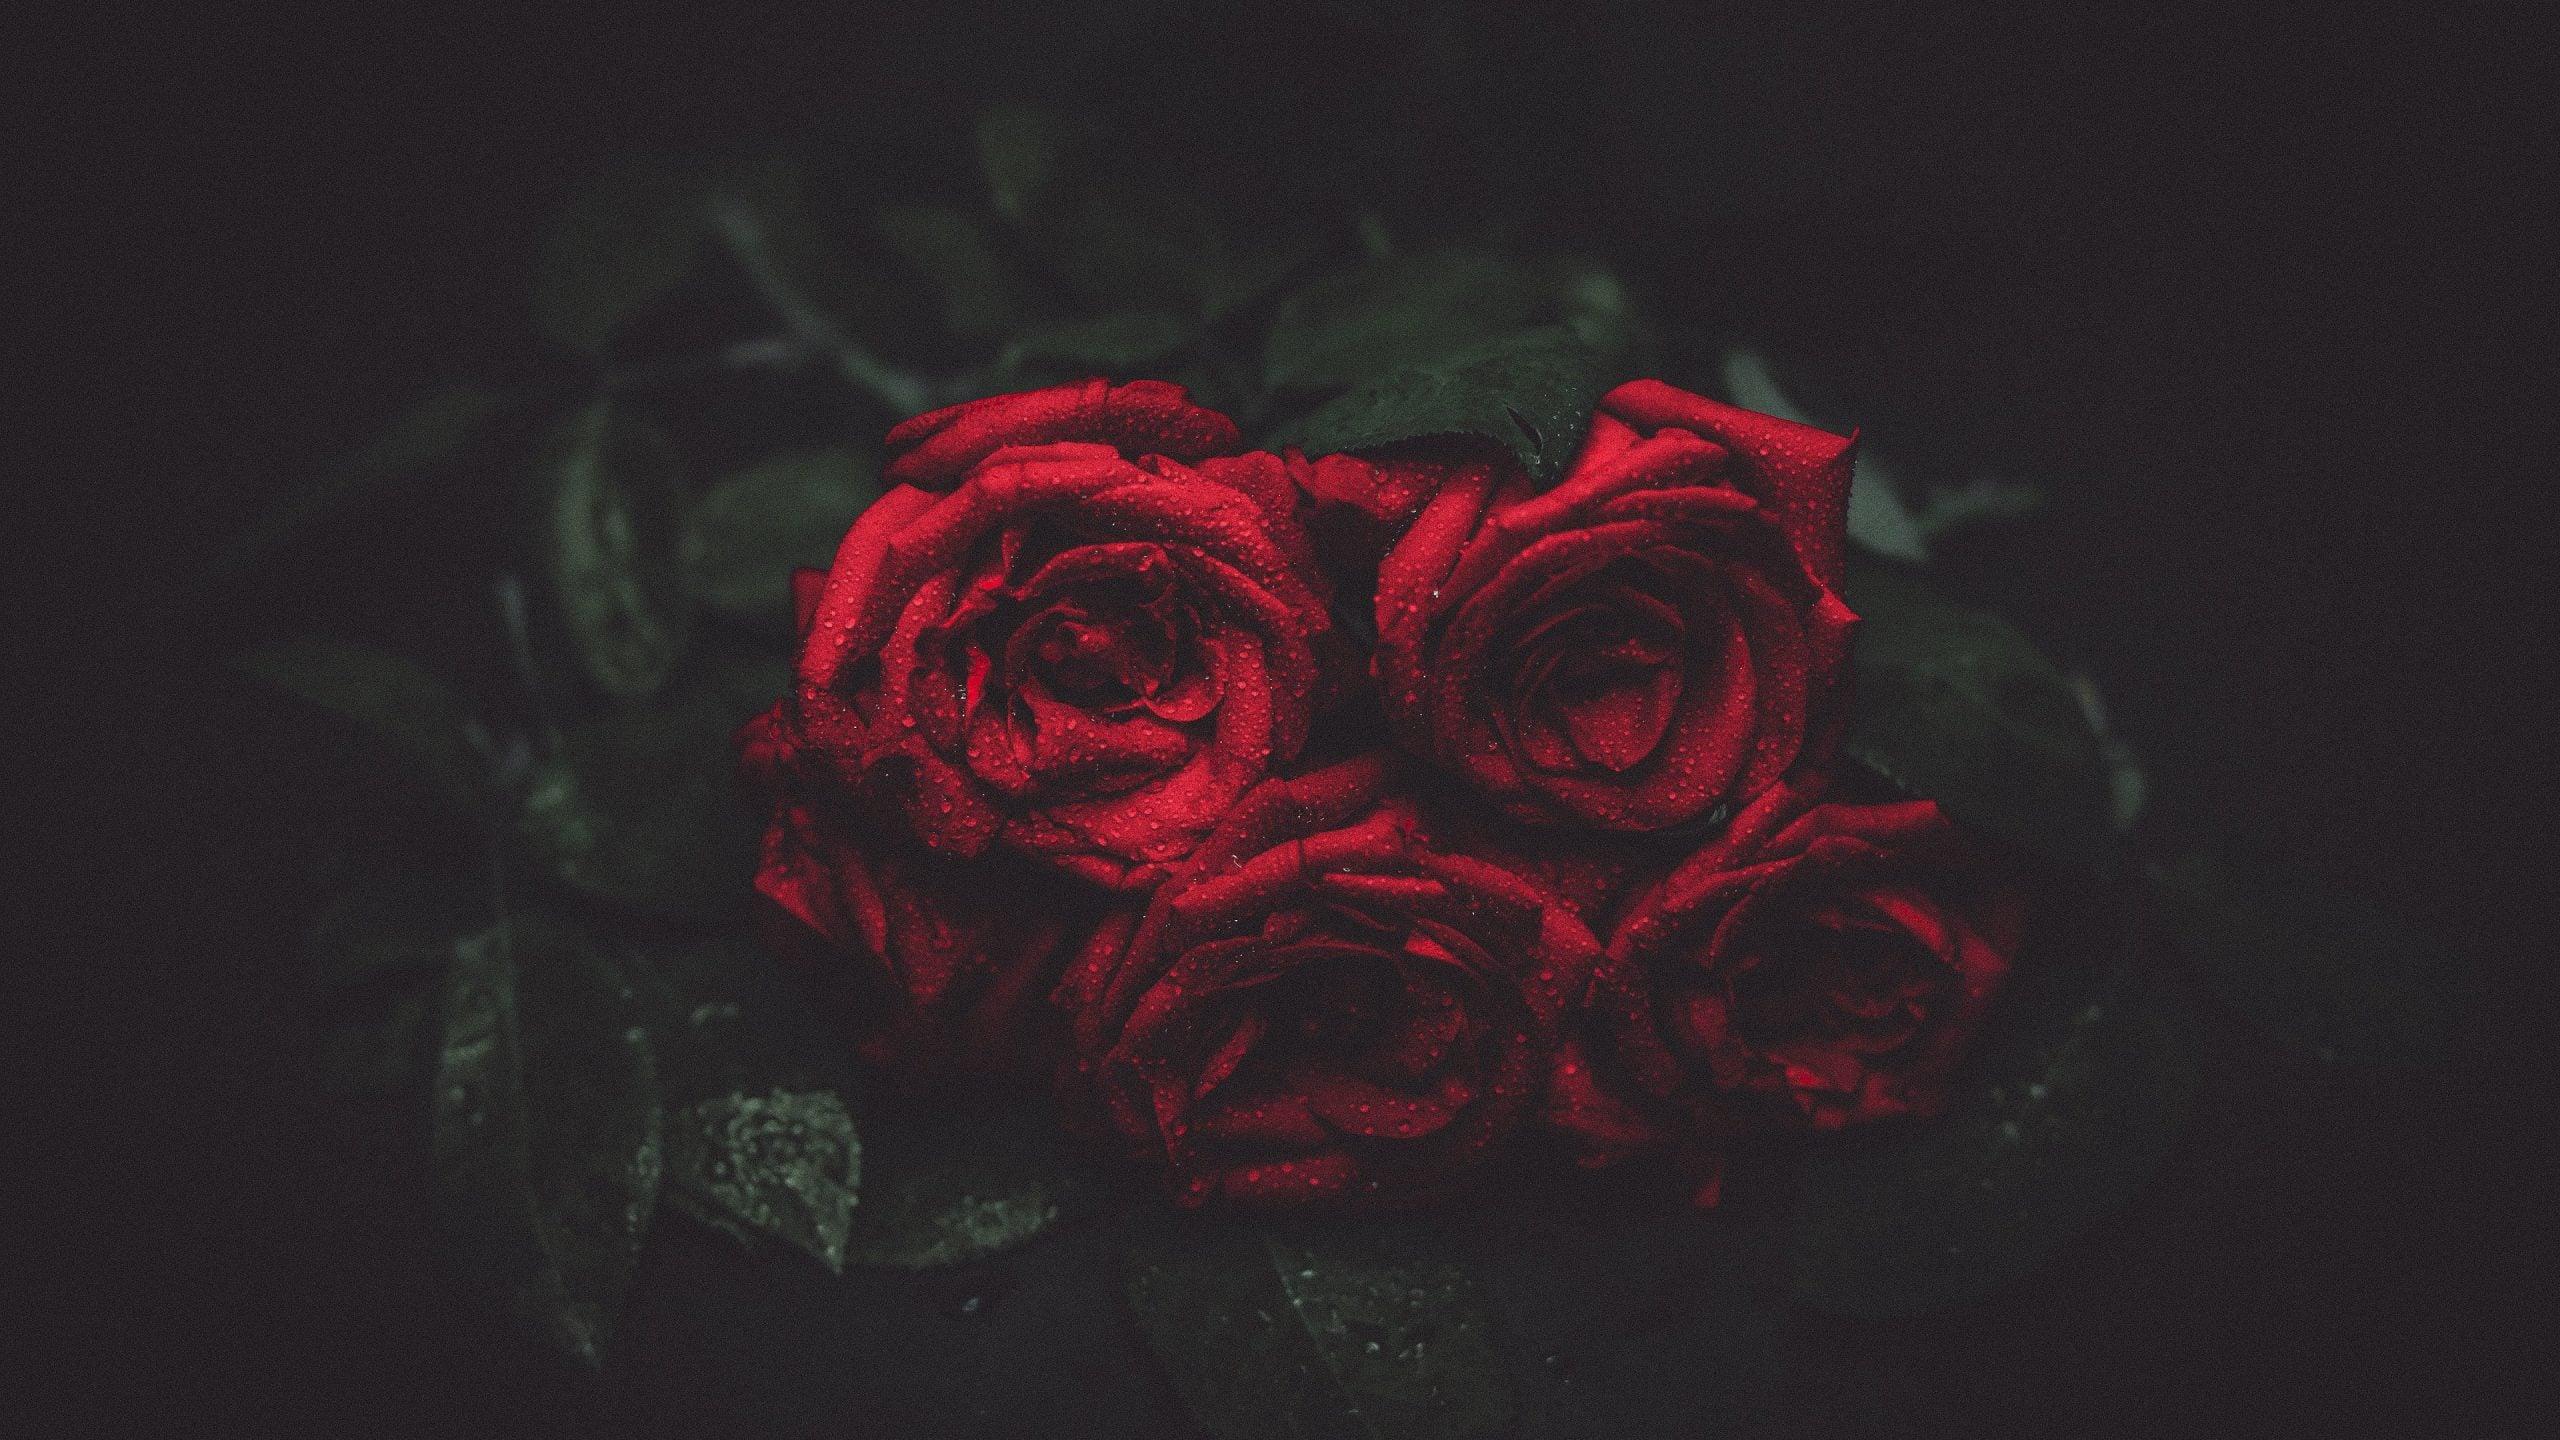 Kırmızı Gülün En Güzel Halleri - Kırmızı Gül Görüntüsü